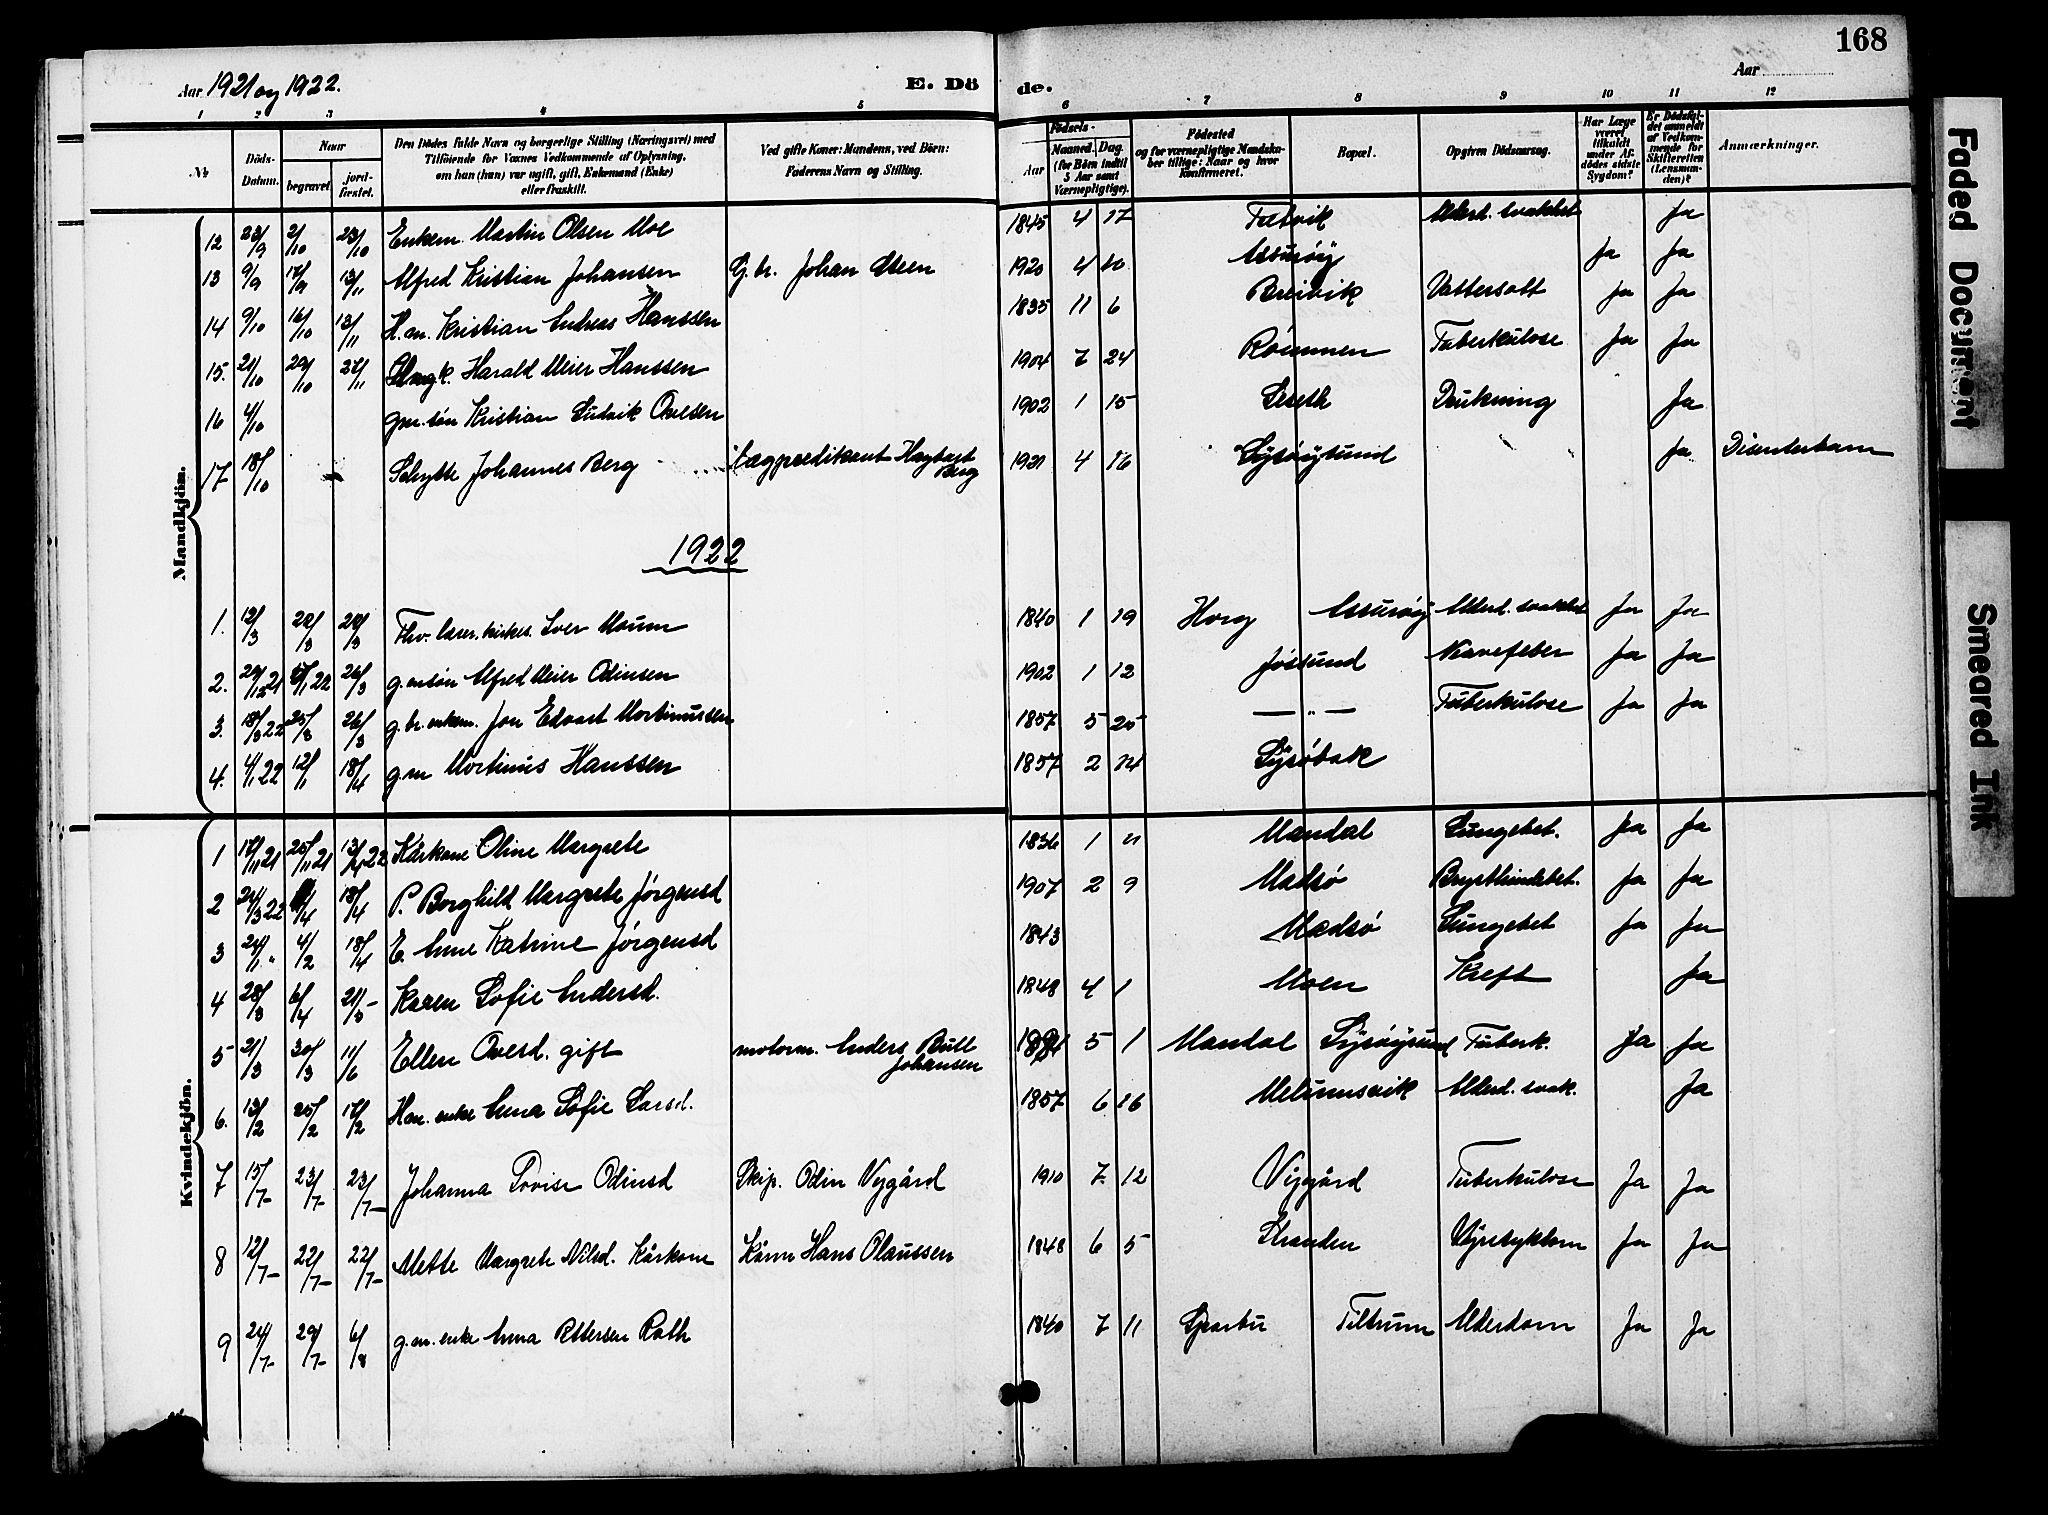 SAT, Ministerialprotokoller, klokkerbøker og fødselsregistre - Sør-Trøndelag, 654/L0666: Klokkerbok nr. 654C02, 1901-1925, s. 168